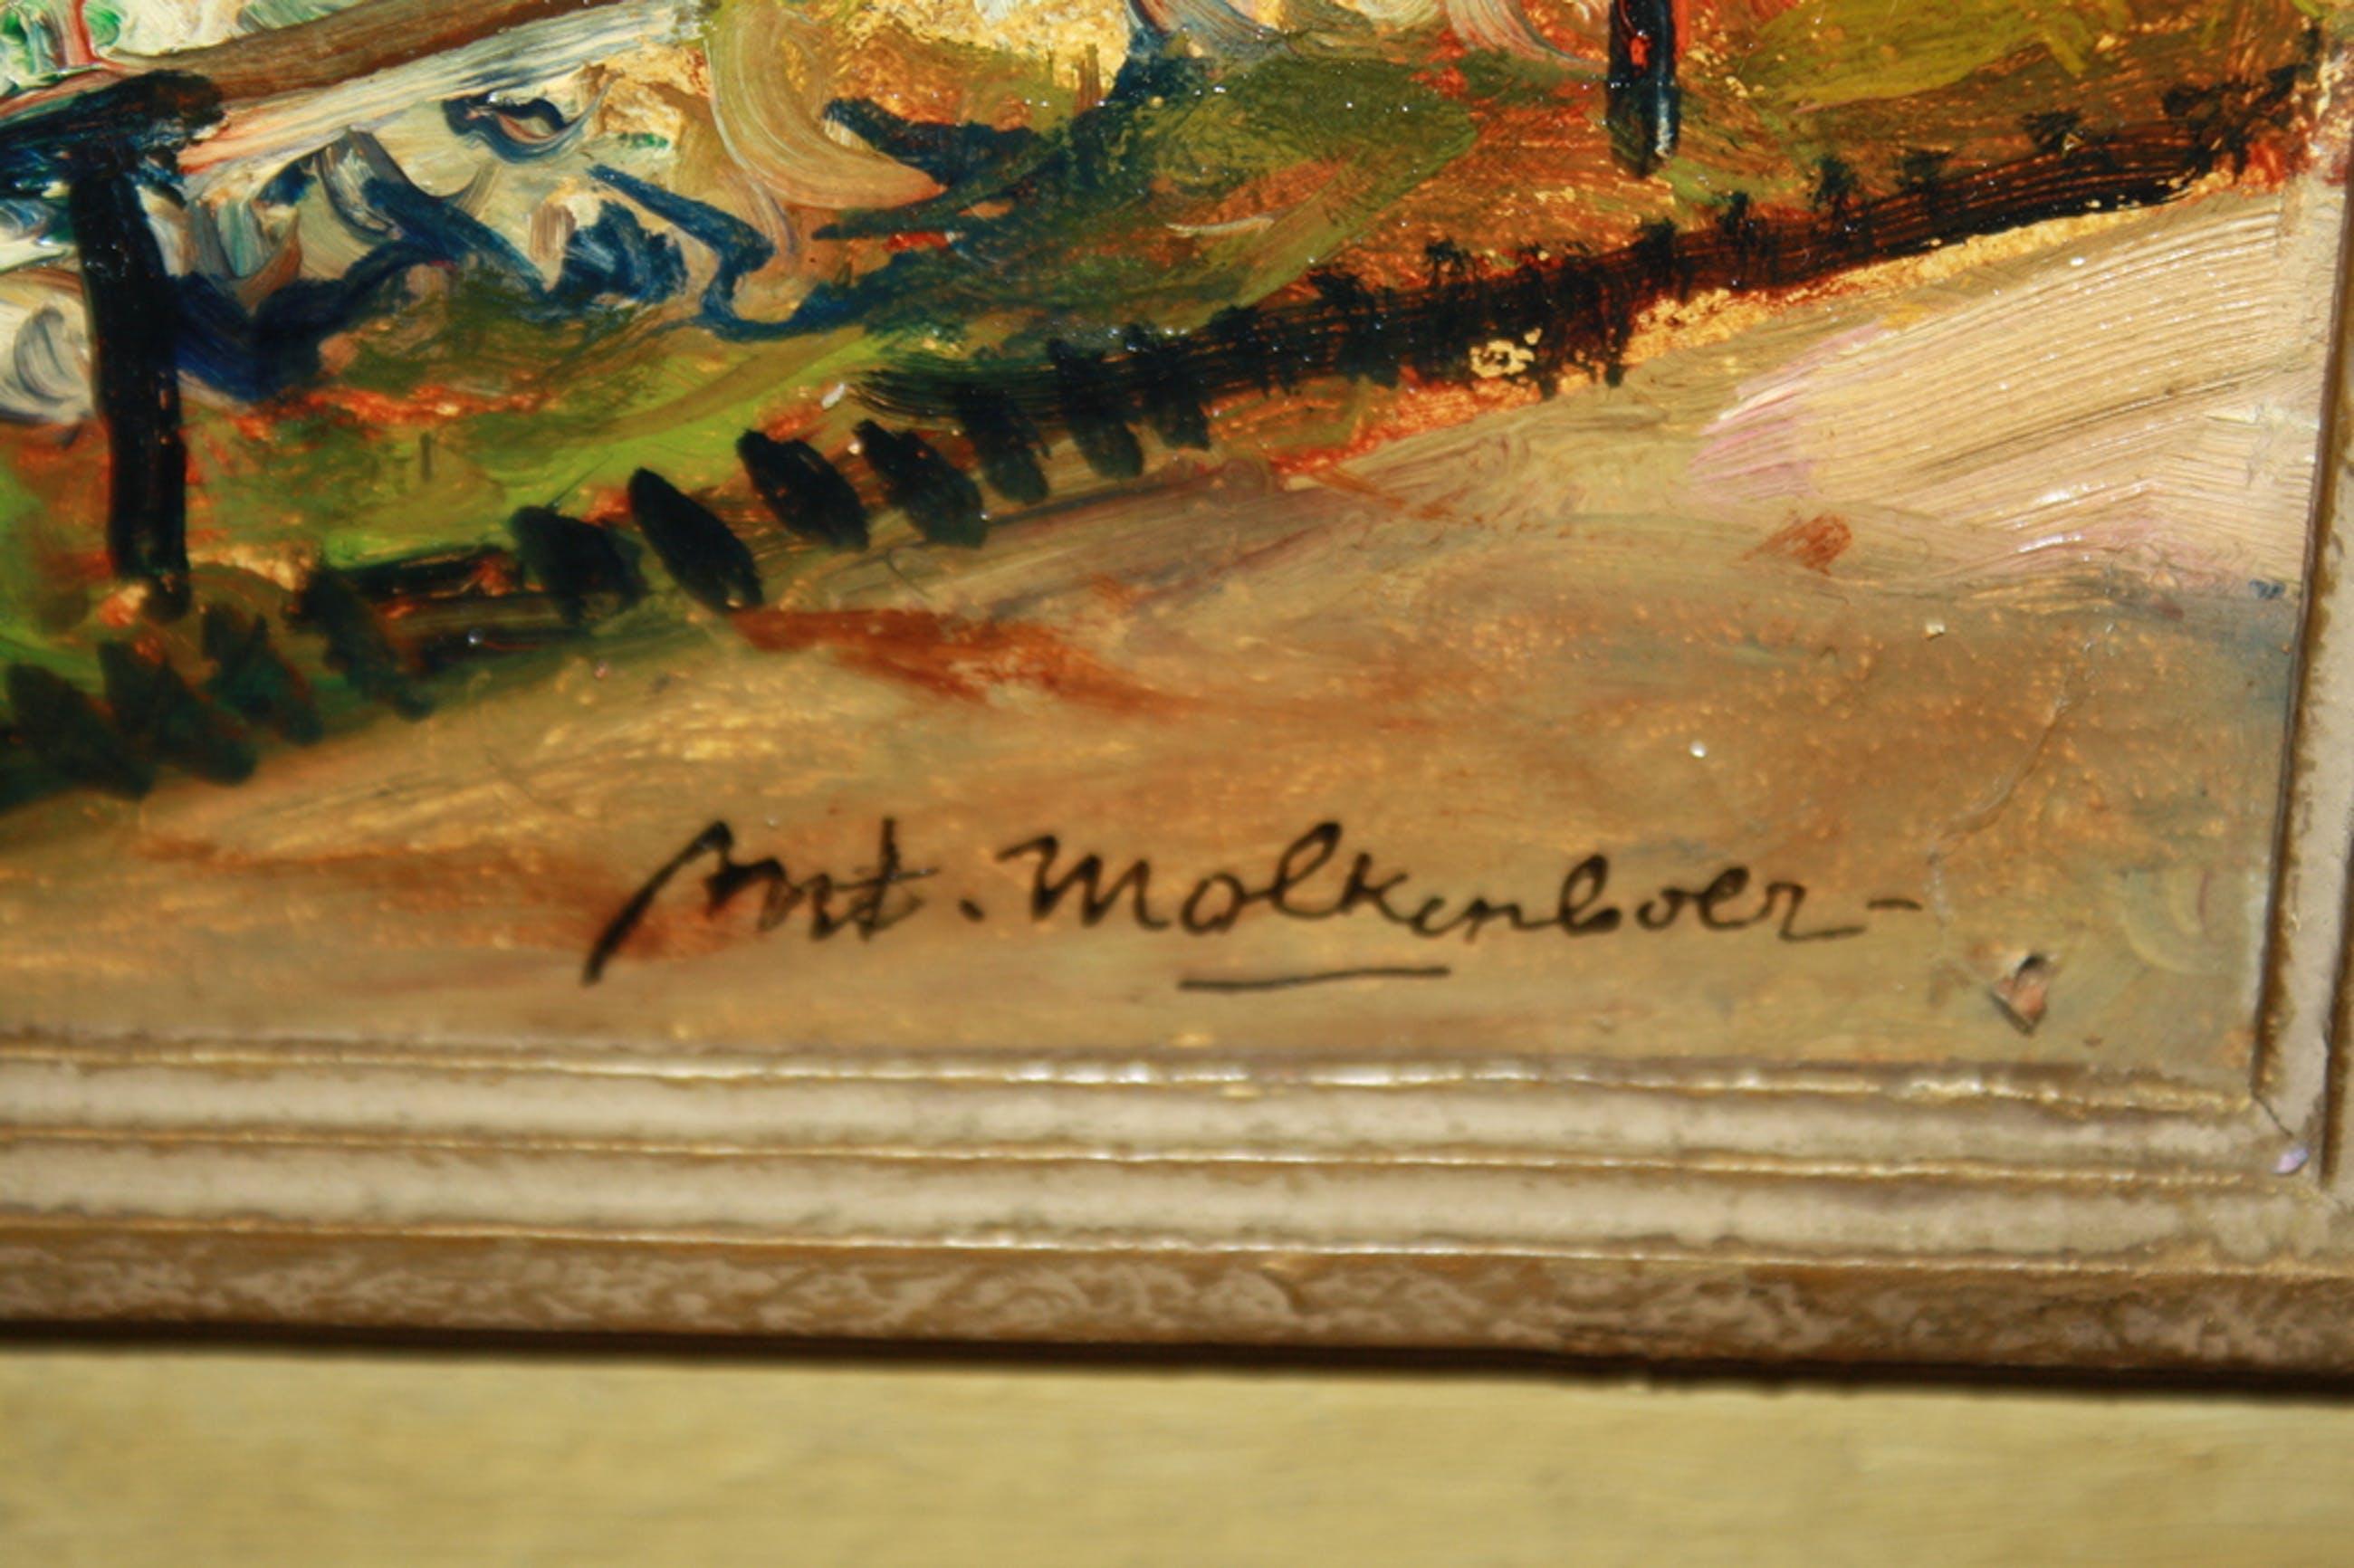 Anton MOLKENBOER - LEEUWARDEN 1892 - 1960 - BLOEMENTUIN MET HEILIG HART BEELD kopen? Bied vanaf 125!